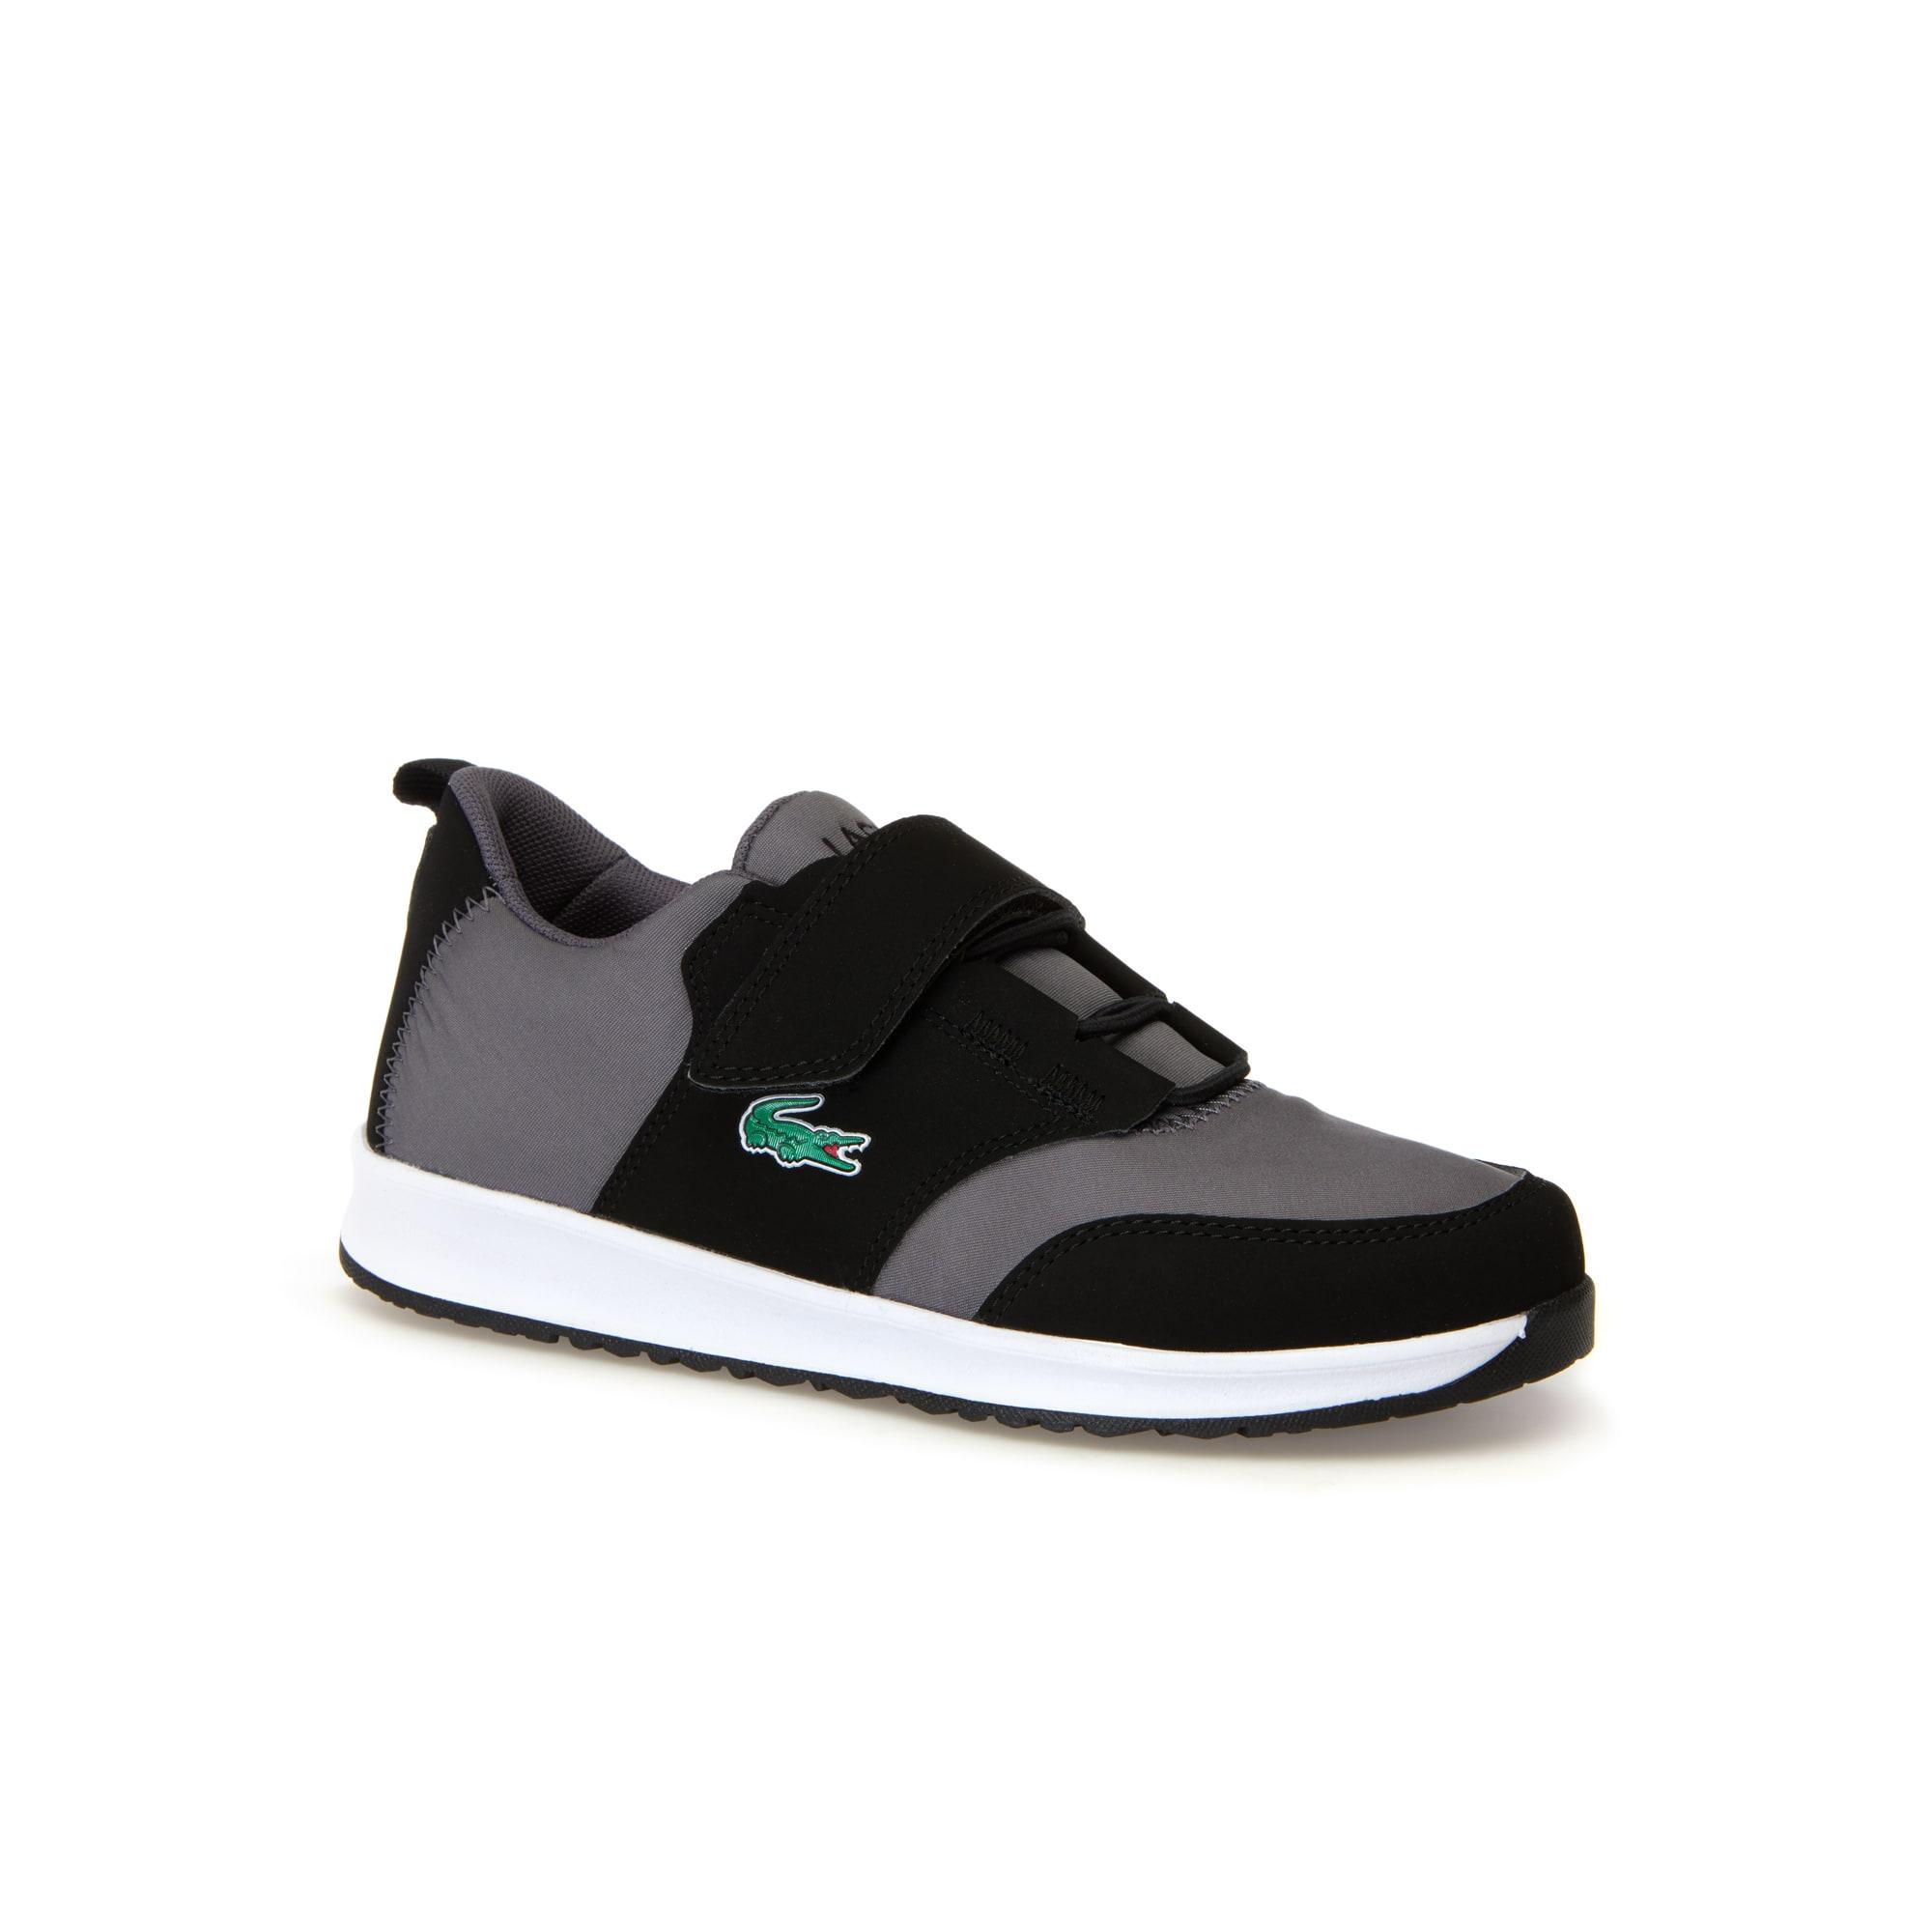 Sneakers L.ight enfant en textile et synthétique